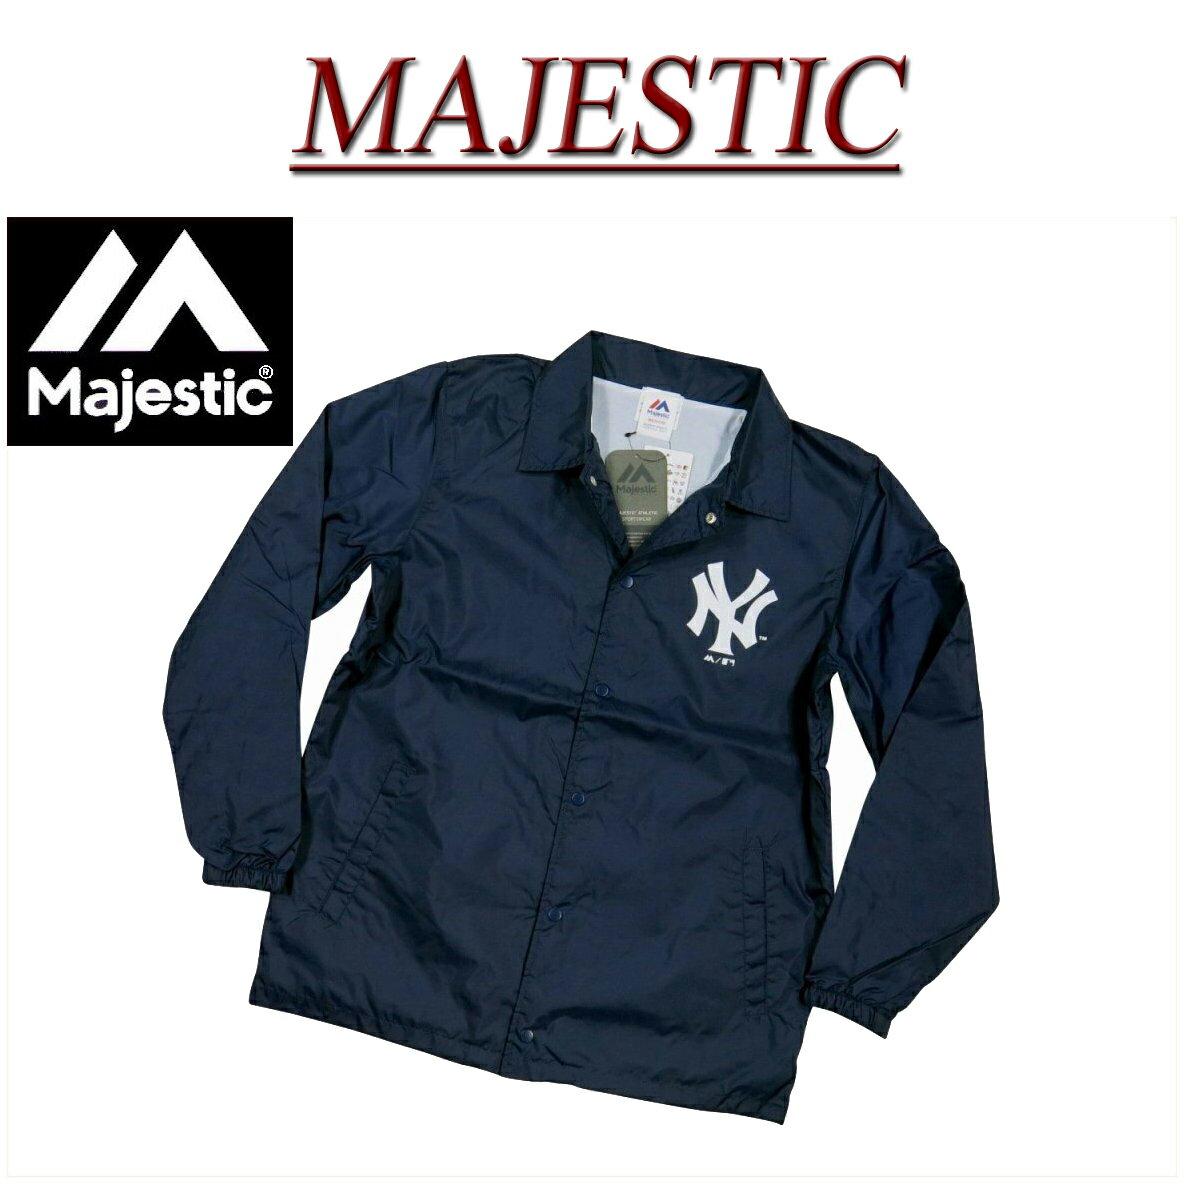 【2017秋冬 4サイズ】 jb921 新品 MAJESTIC ニューヨーク ヤンキース コーチジャケット MM23-NYK-0090 メンズ マジェスティック New York Yankees MLB OFFICIAL WEAR NY ウインドブレーカー ナイロンジャケット